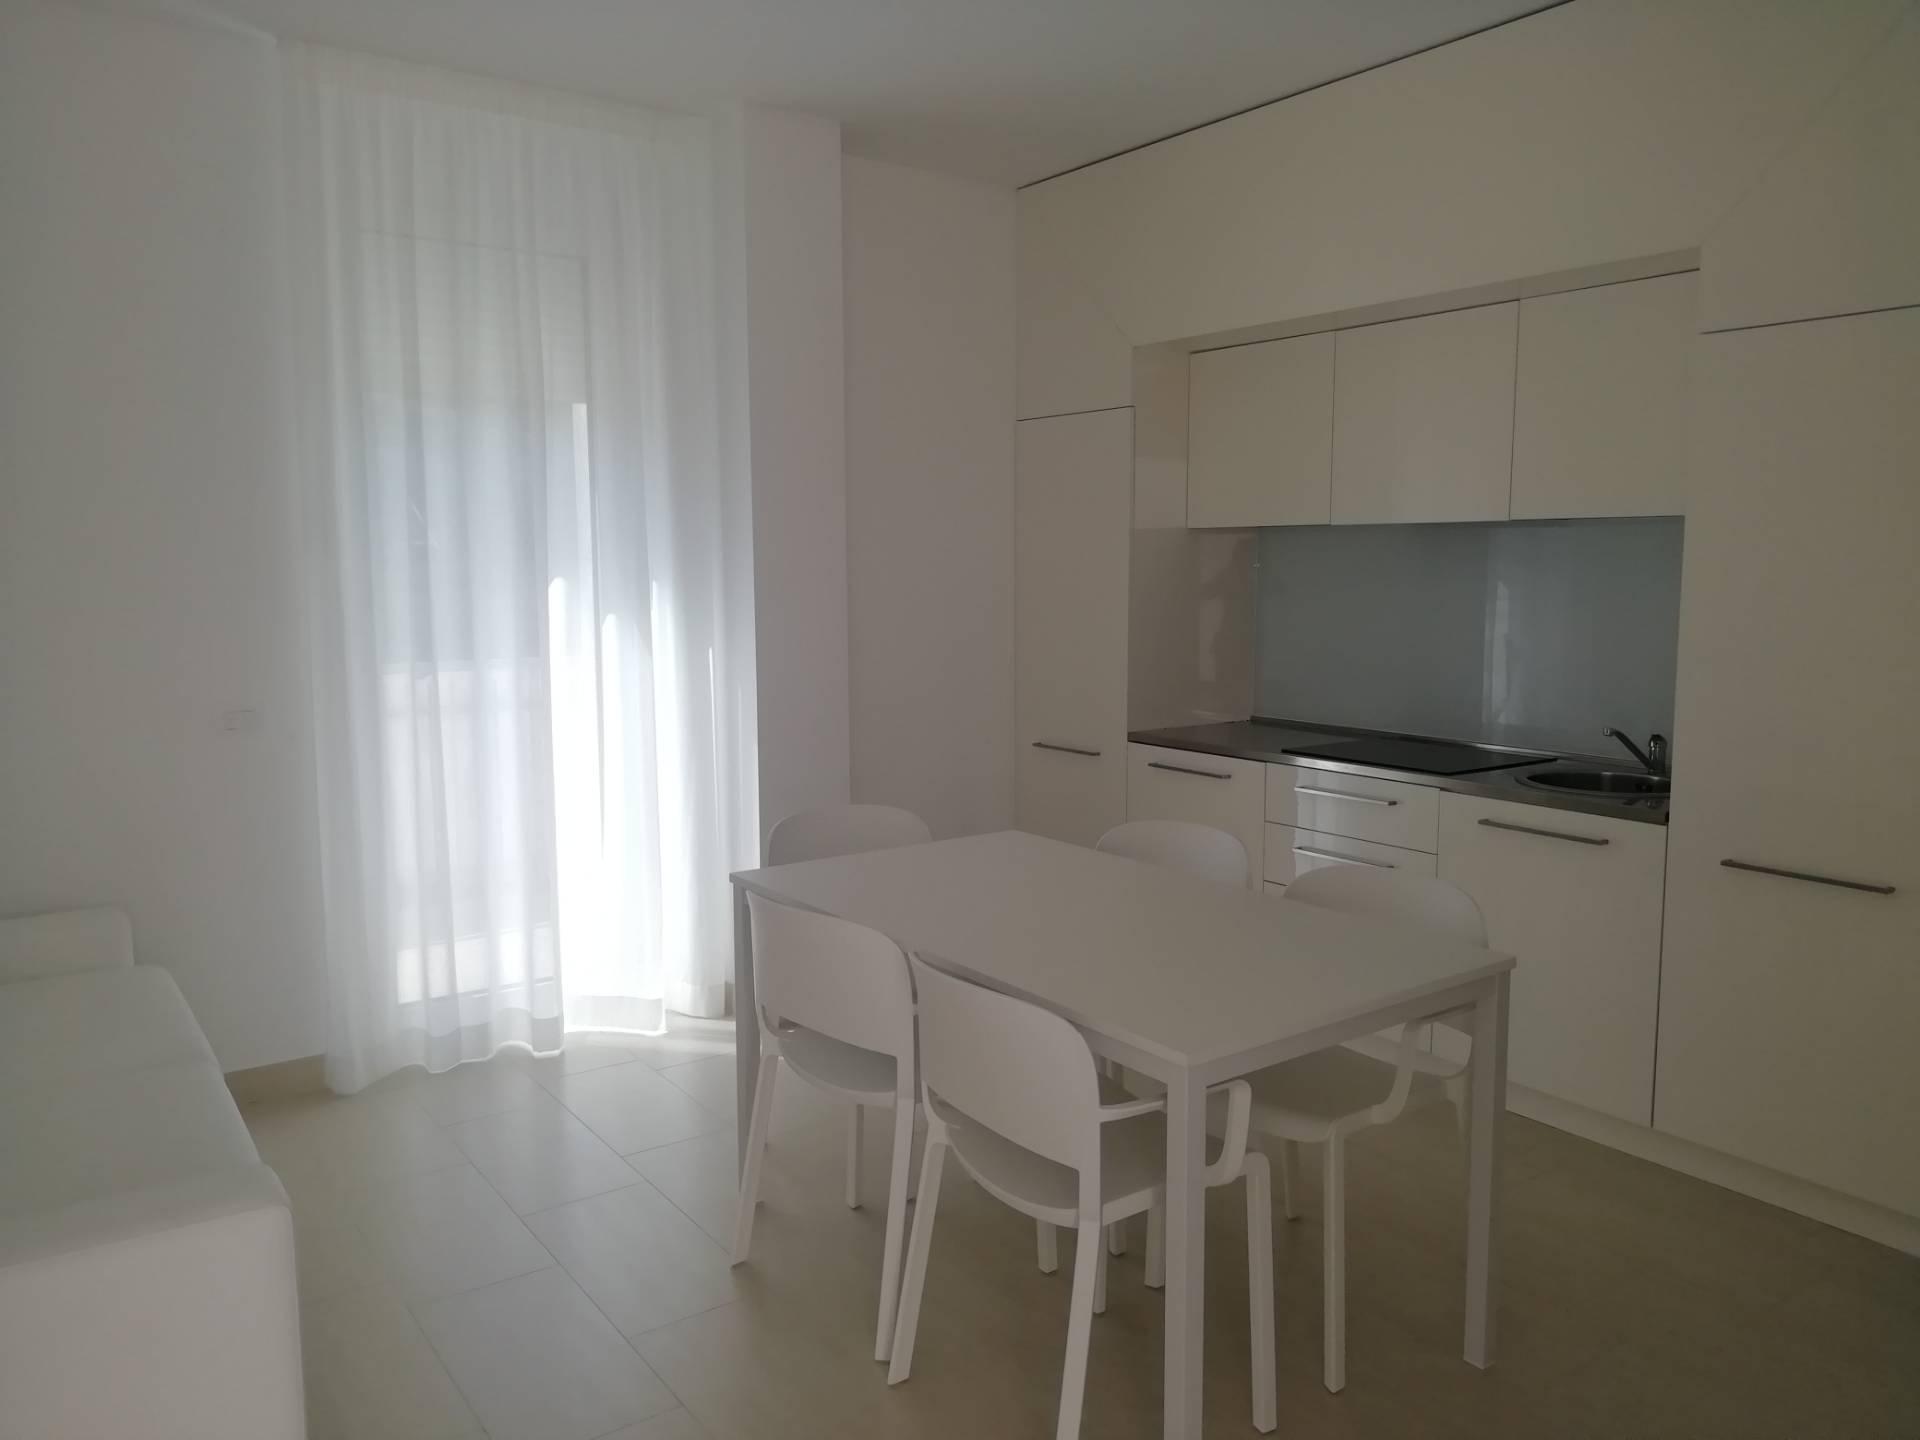 Appartamento in vendita a Termoli, 4 locali, zona Località: Lungomare, prezzo € 175.000 | PortaleAgenzieImmobiliari.it